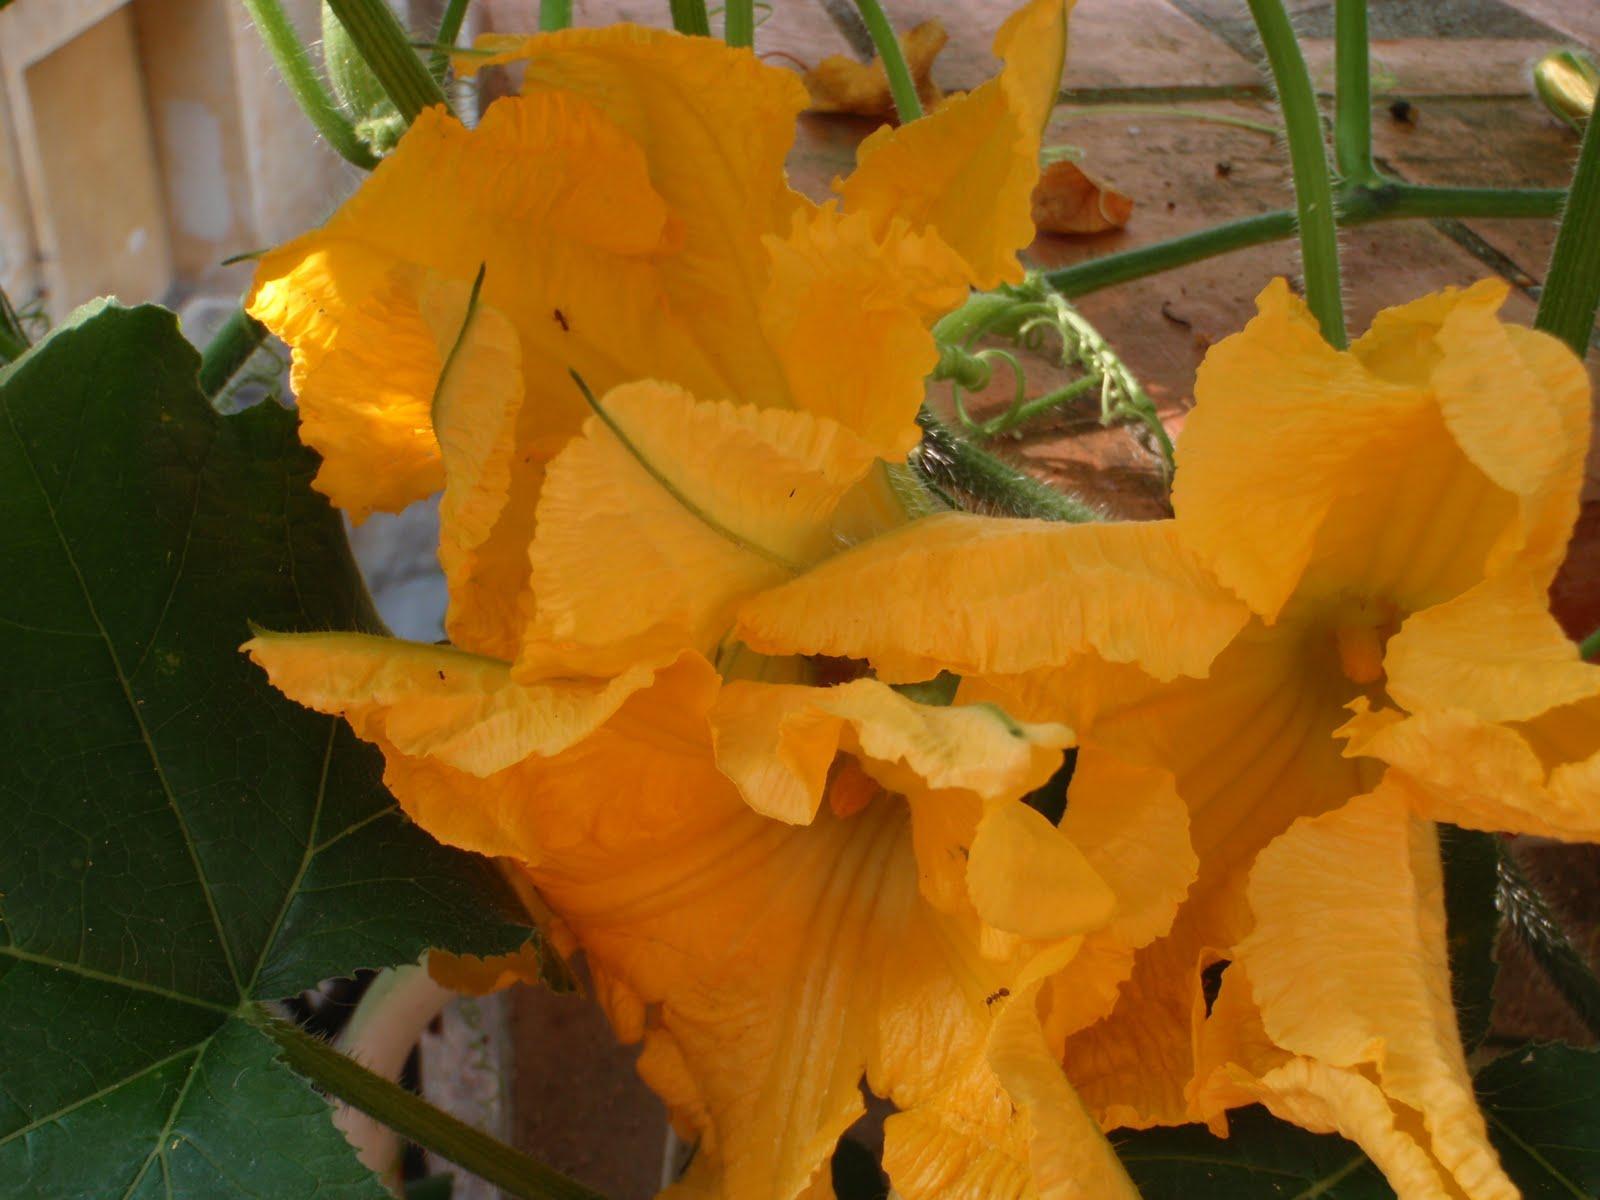 Les fleurs de courgettes greta garbure - Fleurs de courgettes au four ...